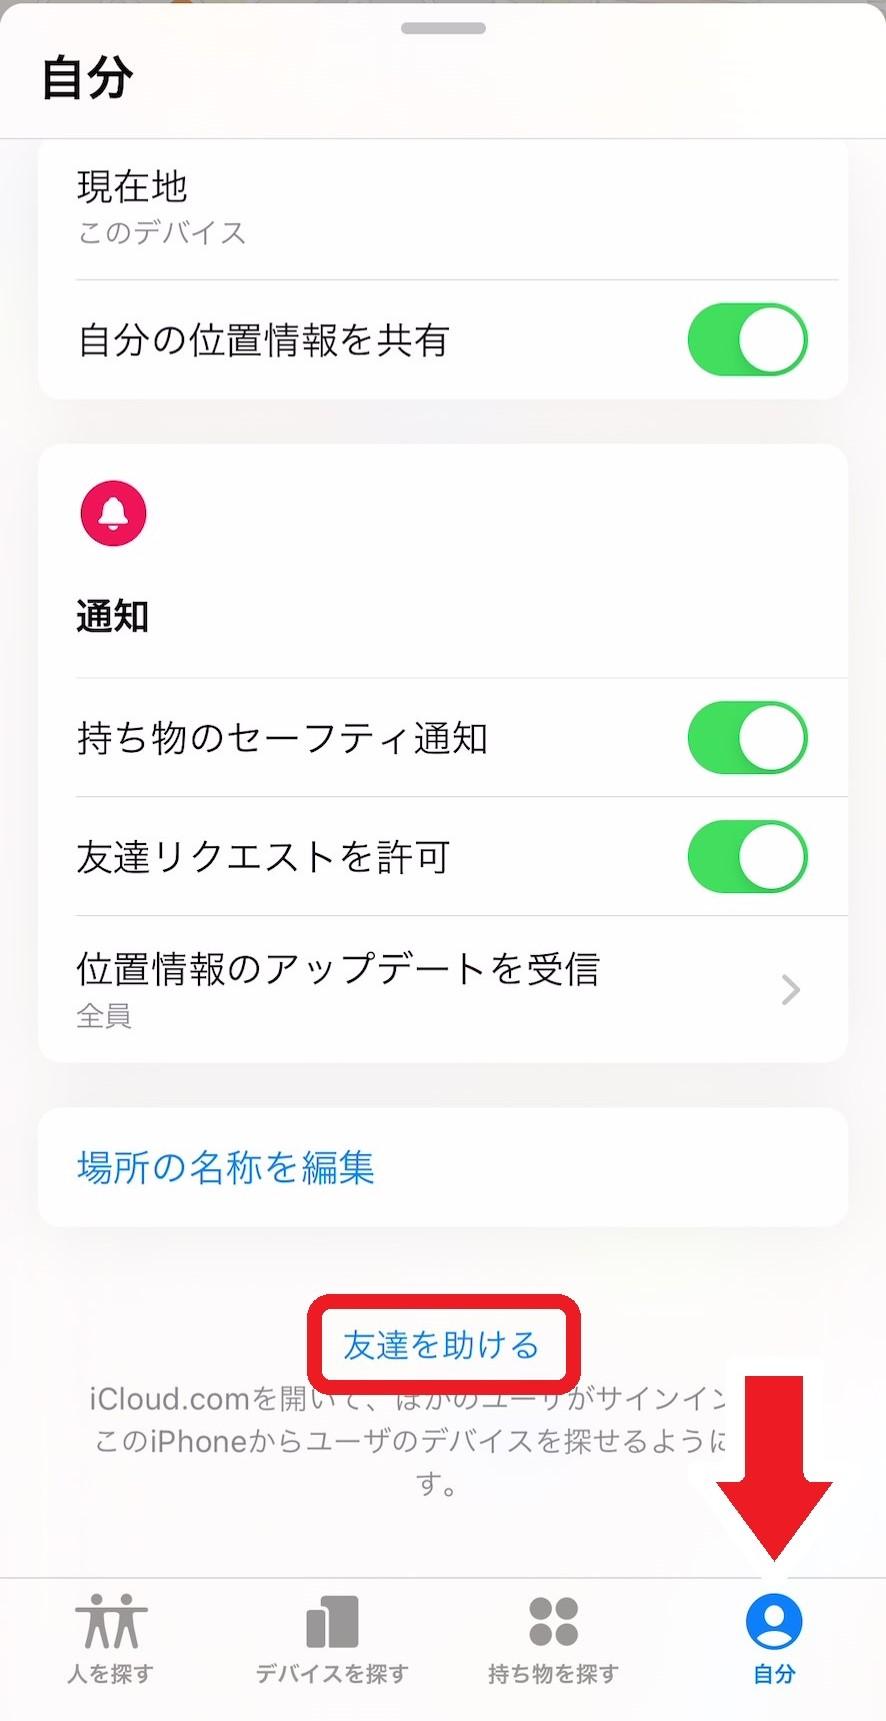 友達や知り合いのiPhoneから探す方法